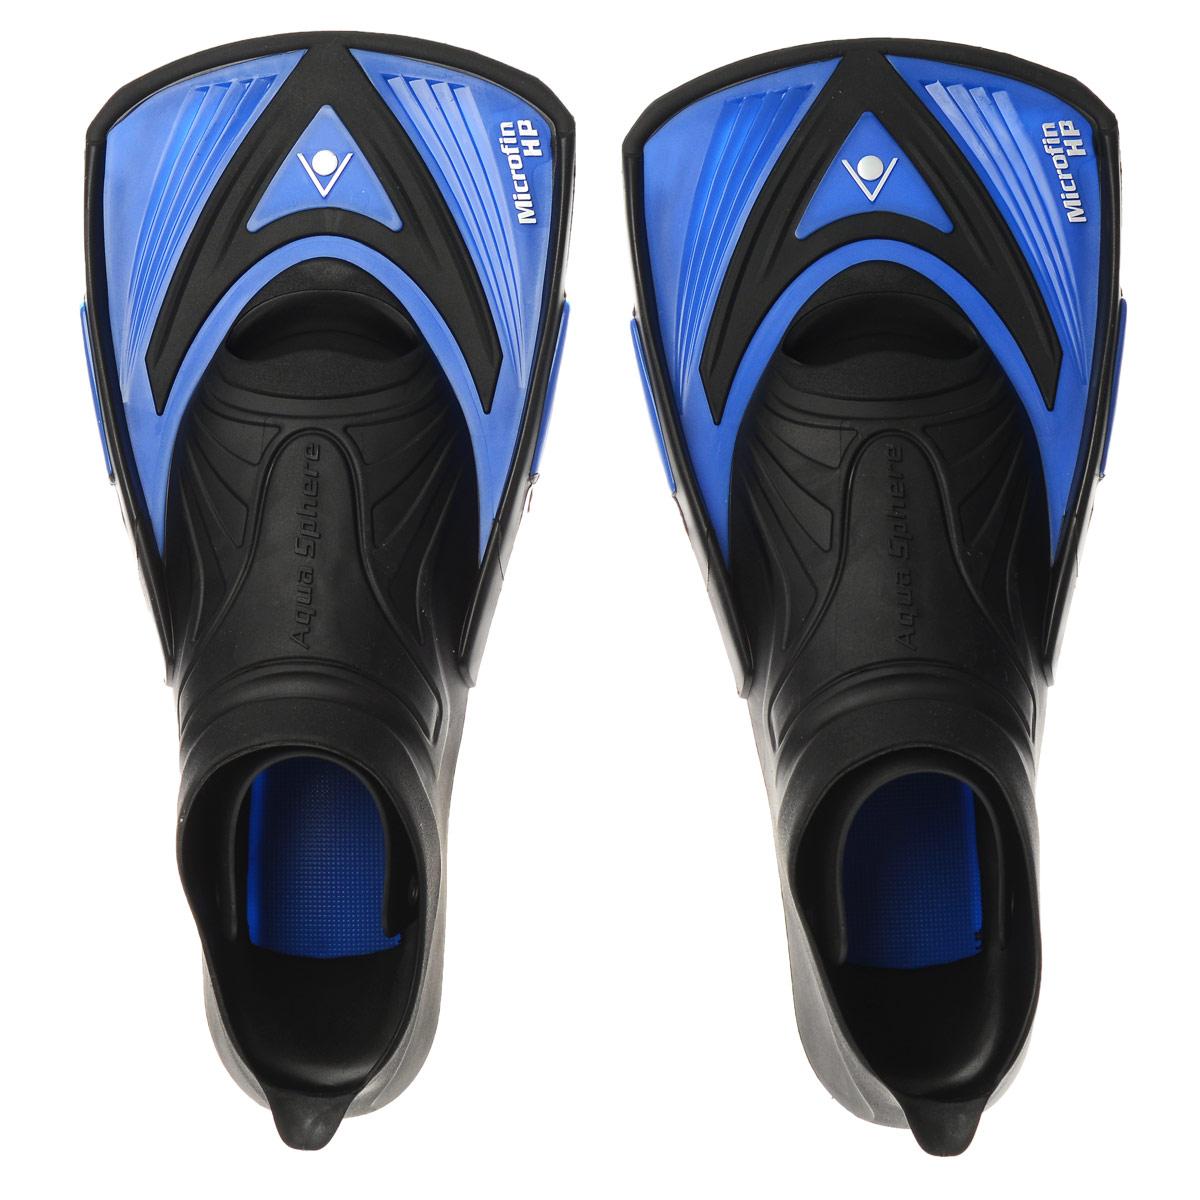 Ласты тренировочные Aqua Sphere Microfin HP, цвет: синий. Размер 44/45TN 221420 (205410)Aqua Sphere Microfin HP - это ласты для энергичной манеры плавания, предназначенные для серьезных спортивных тренировок. Уникальный дизайн ласт обеспечивает достаточное сопротивление воды для силовых тренировок и поддерживает ноги близко к поверхности воды - таким образом, пловец занимает правильное положение, гарантирующее максимальную обтекаемость. Особенности: Галоша с закрытой пяткой выполнена из прочного термопластика. Короткие лопасти удерживают ноги пловца близко к поверхности воды. Позволяют развивать силу мышц и поддерживать их в тонусе, одновременно совершенствуя технику плавания.